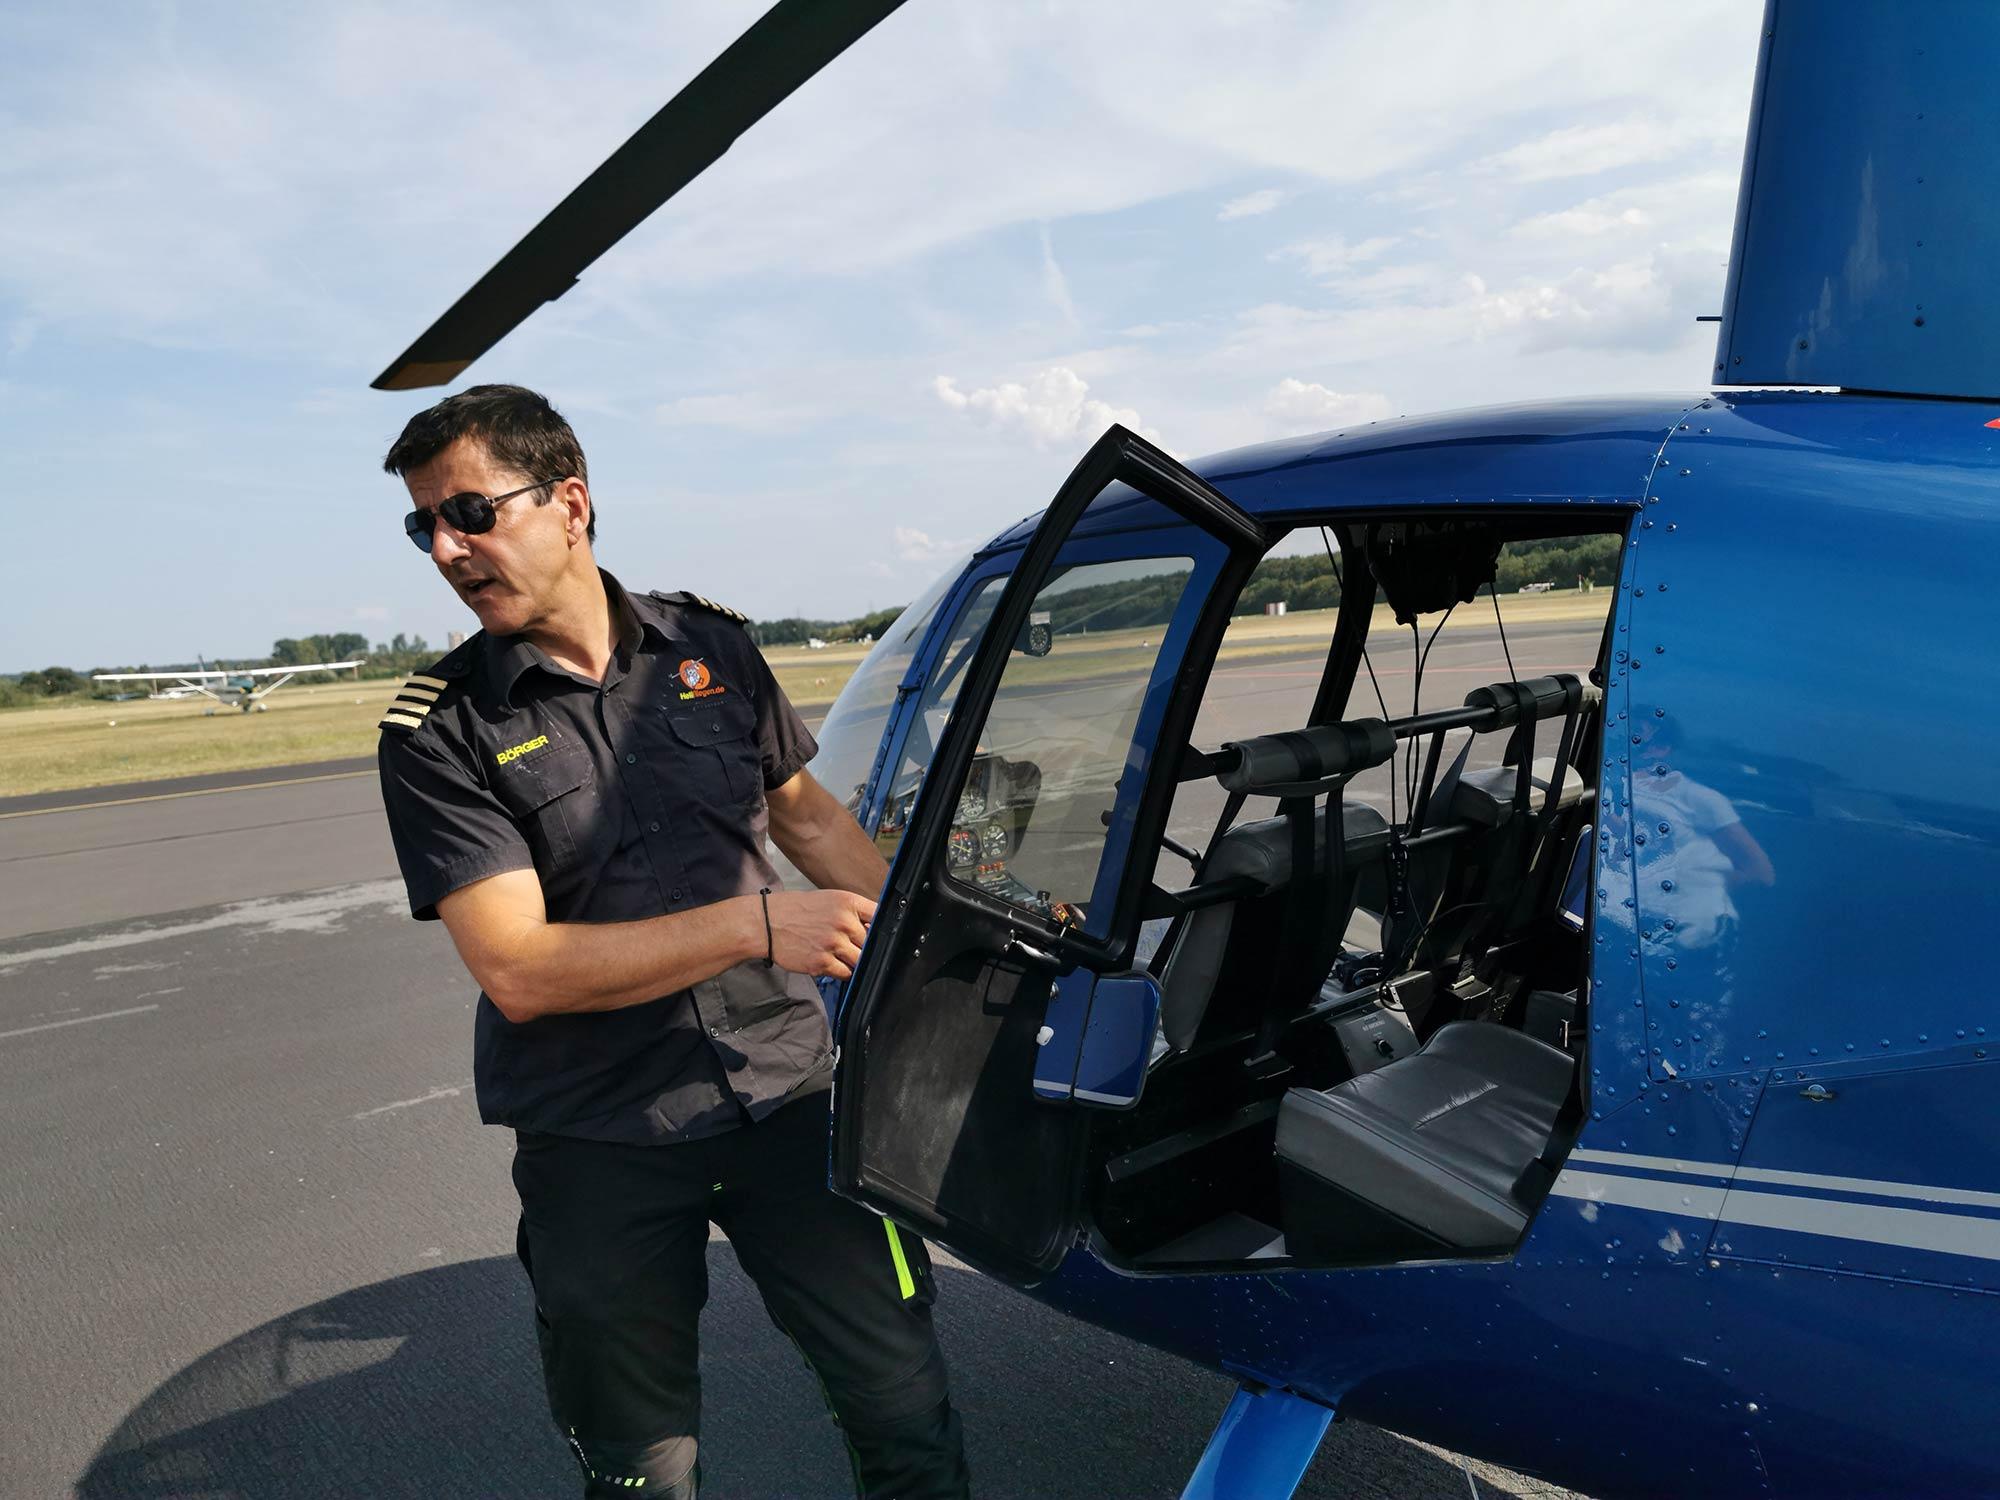 Flying helicopter over Frankfurt using Helifliegen - Pilot opening door of helicopter